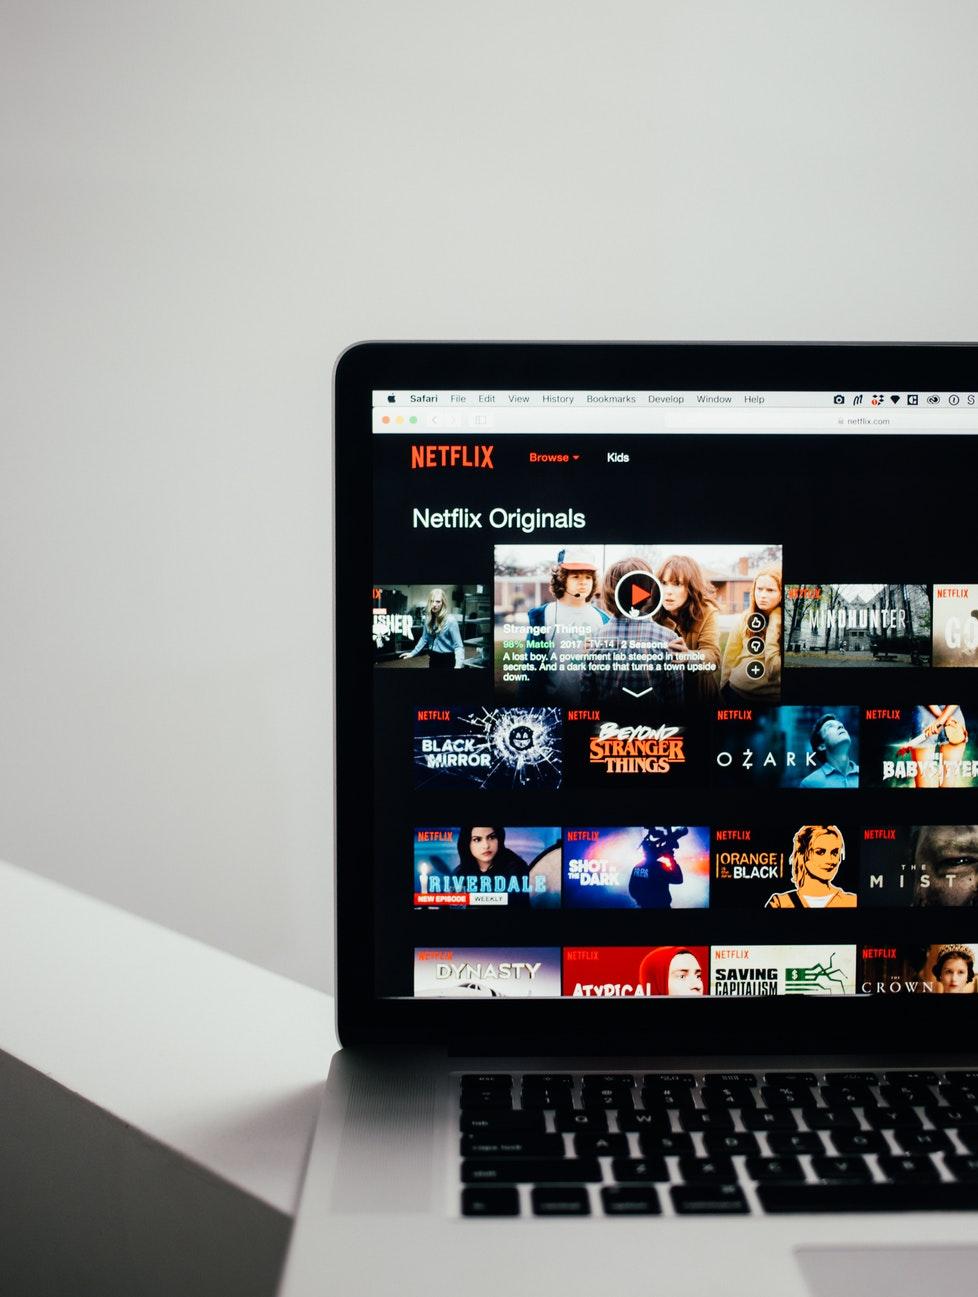 Netflix-Originals-Macbook